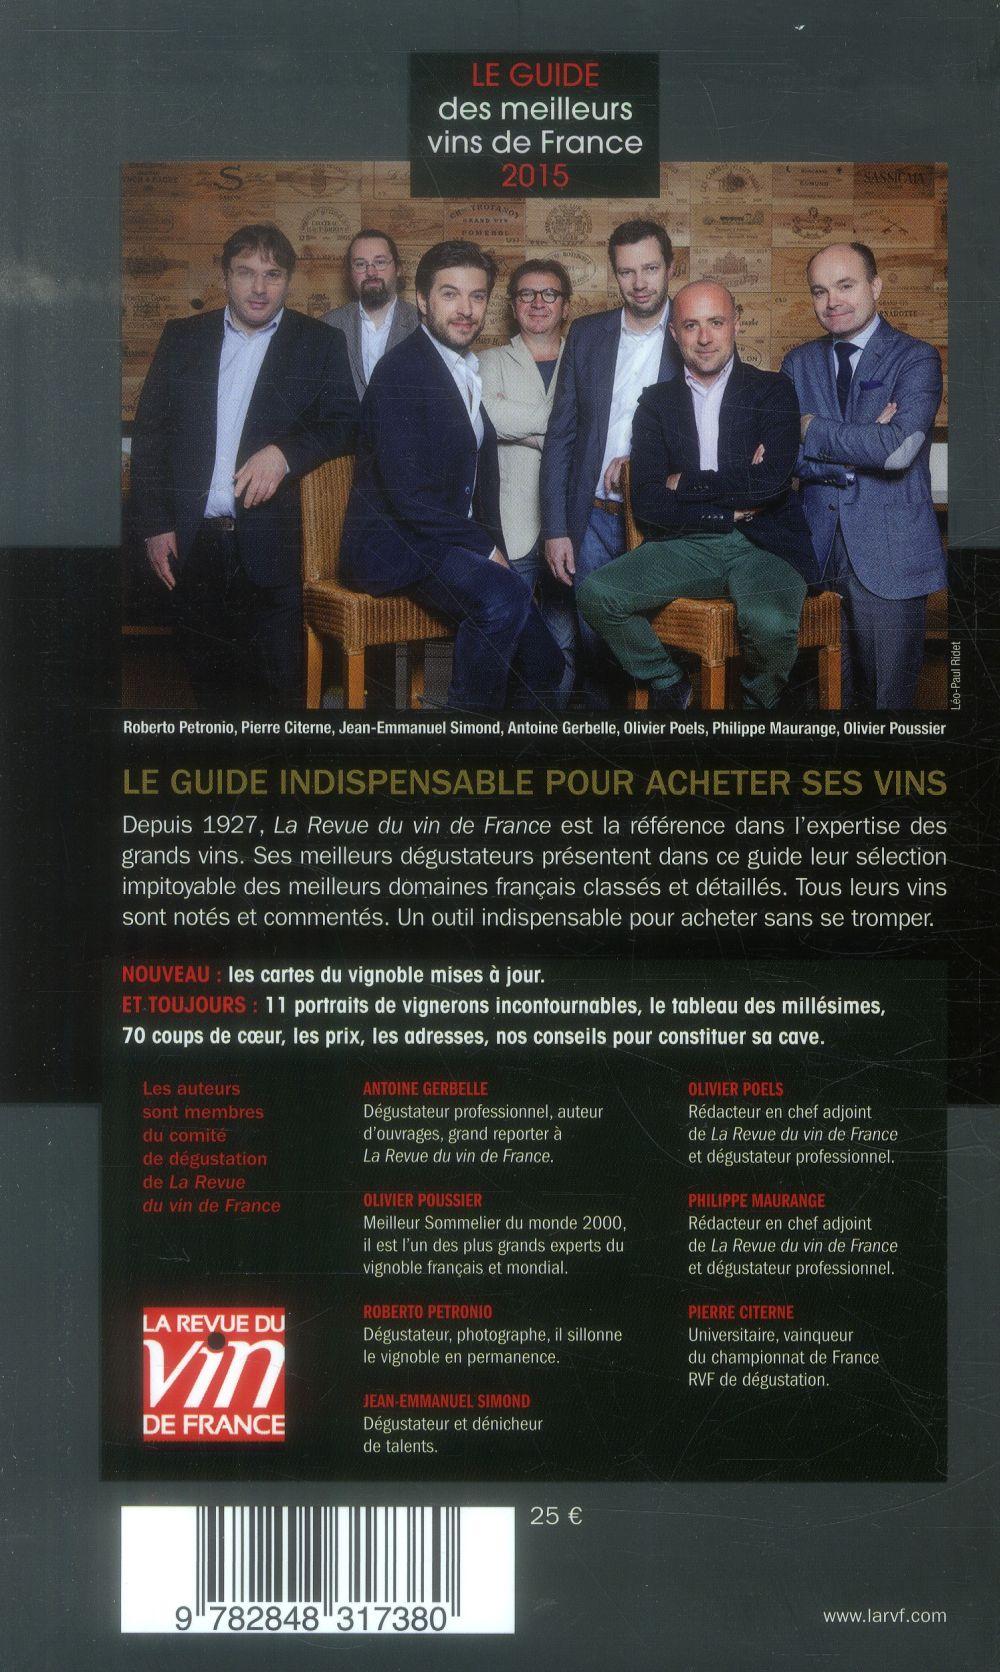 Le guide vert des meilleurs vins de France (édition 2015)